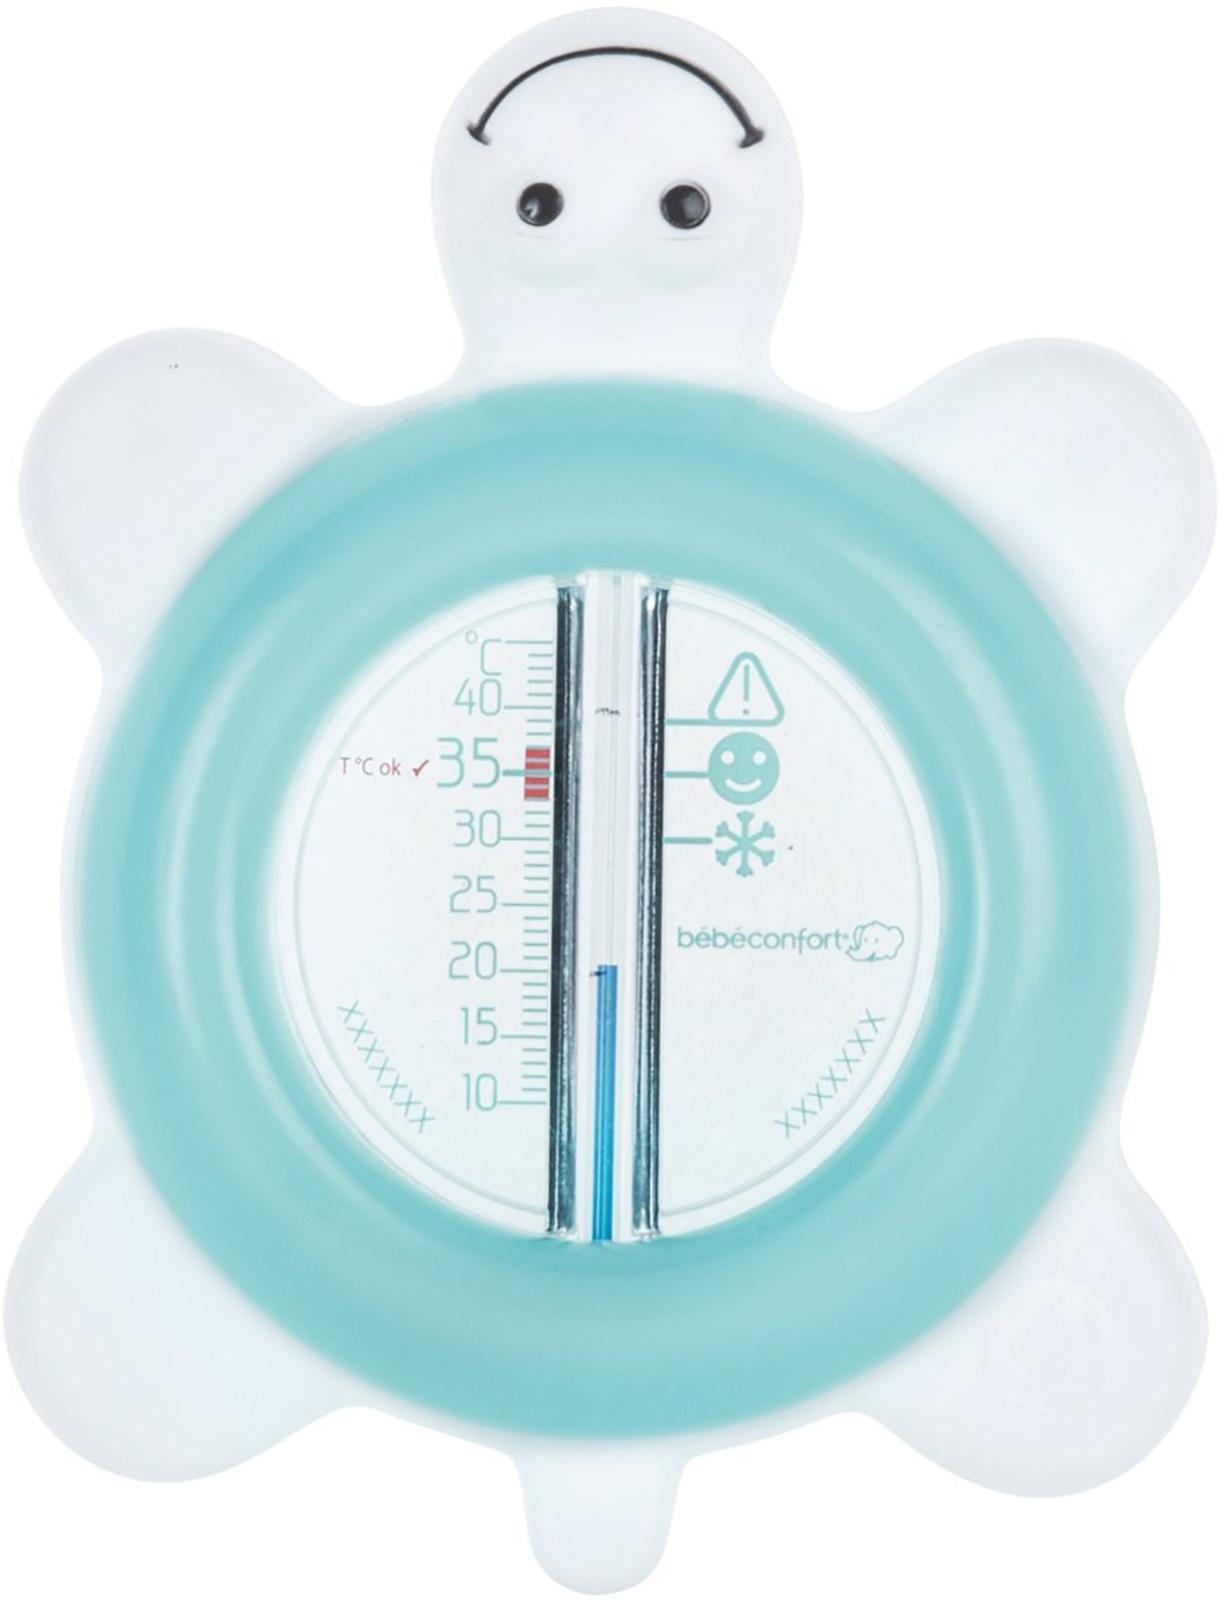 Термометр для воды Bebe Confort Черепашка голубой термометр ramili btd100 duck для ванной